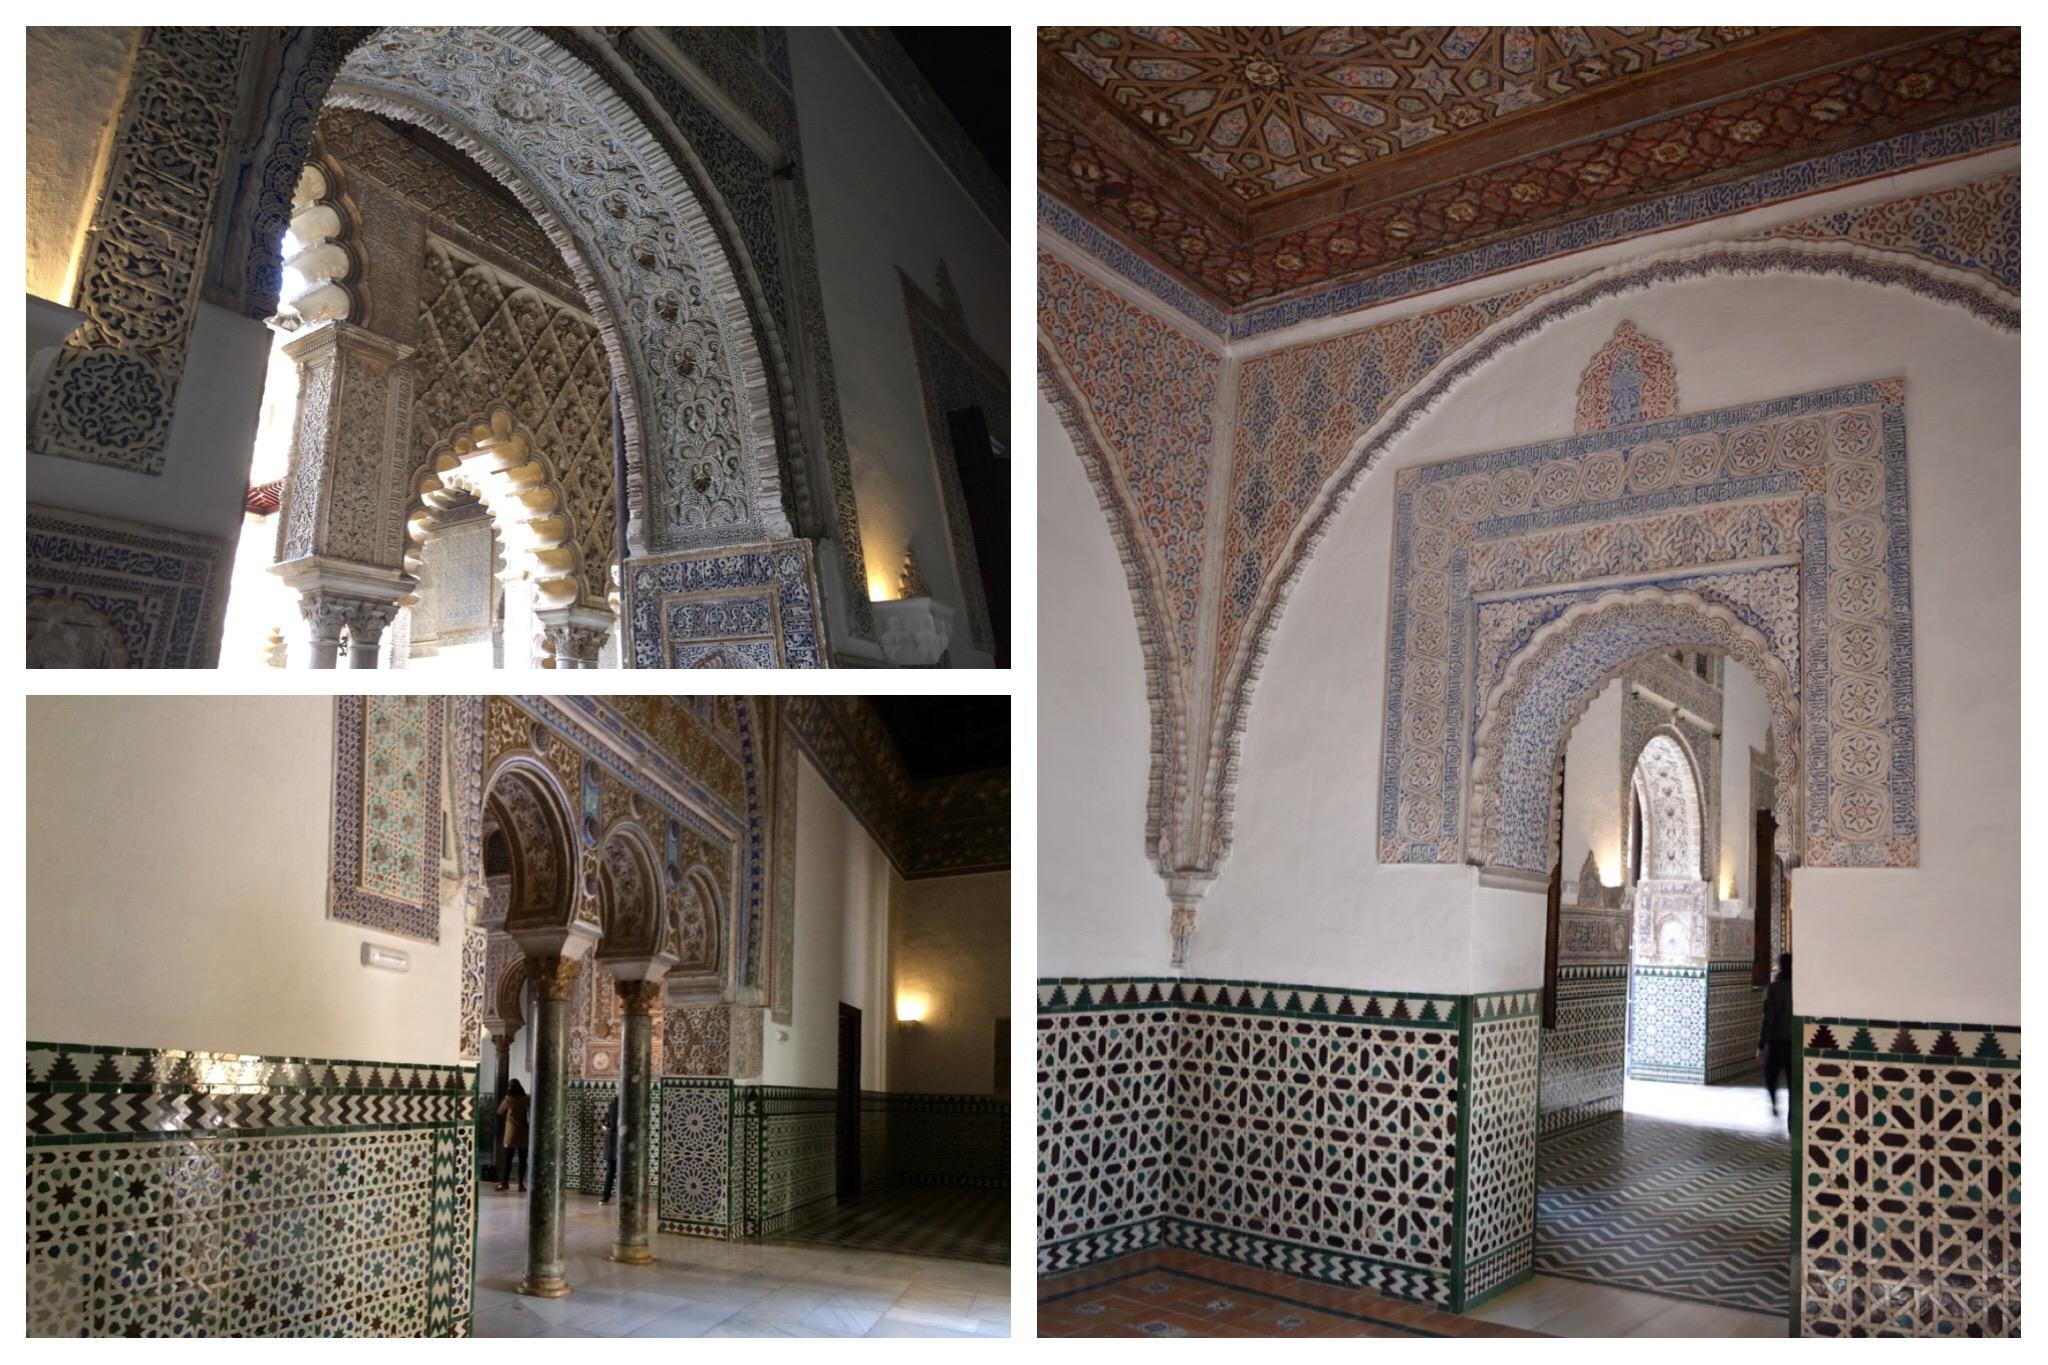 Seville - Alcazar - Palace of Pedro I